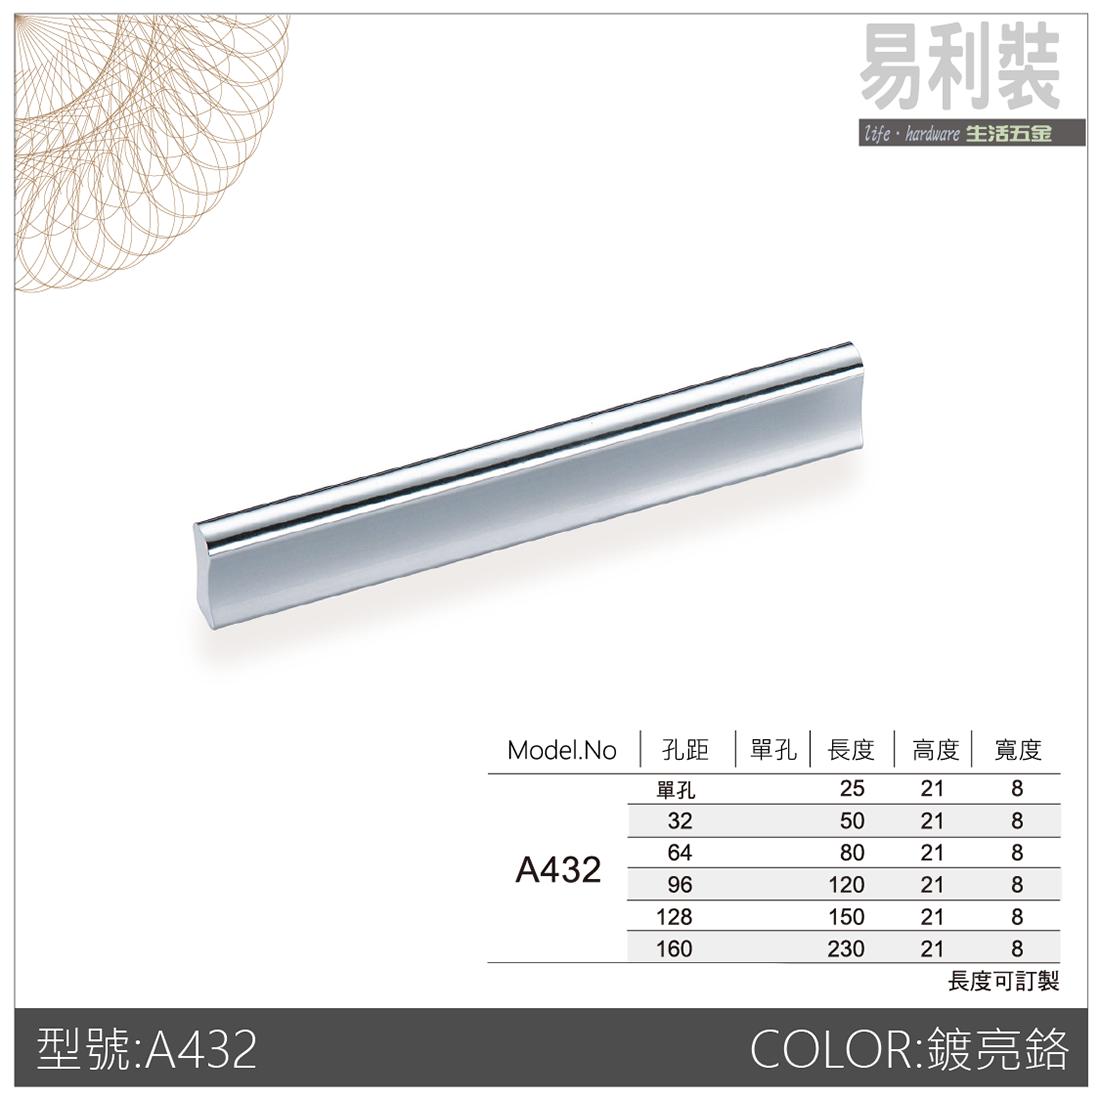 A432 易利裝生活五金 櫥櫃抽屜把手取手 雙孔現代把手 一體成型把手 鋁合金把手